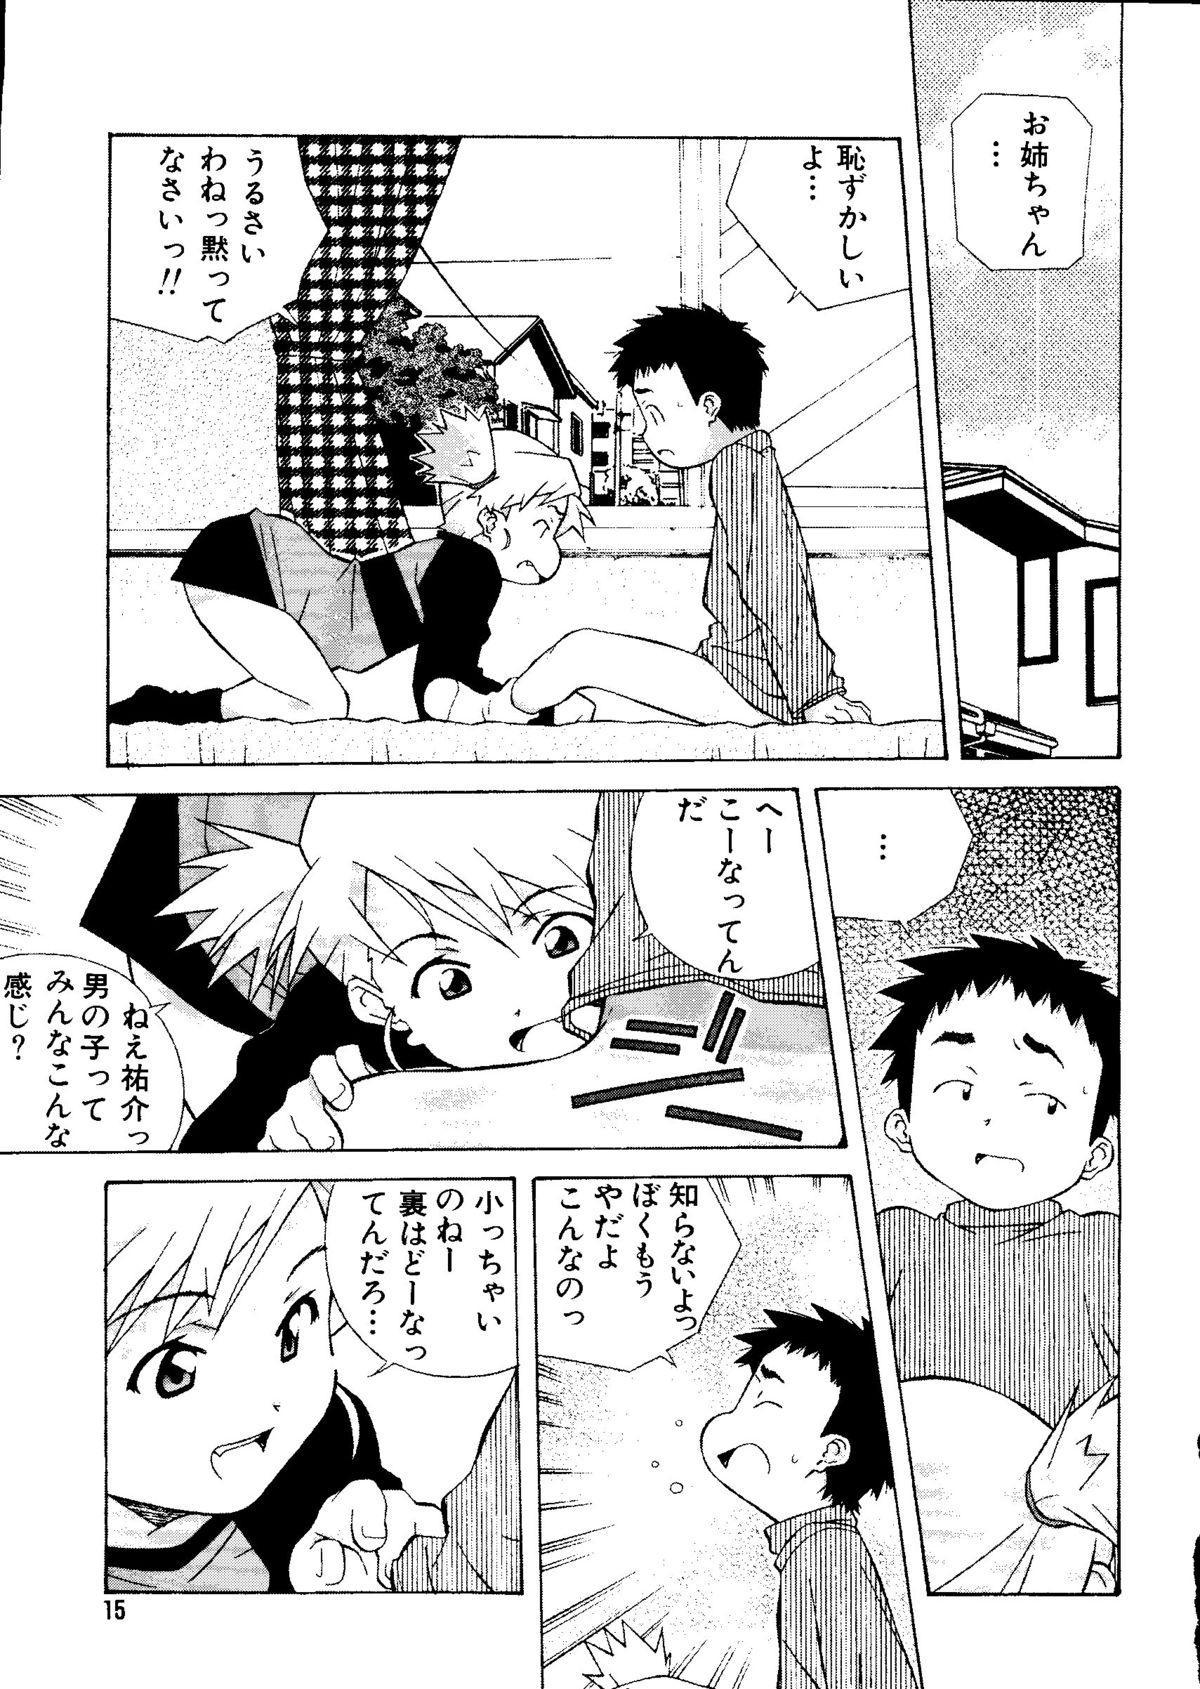 Mujirushi Youhin Vol. 7 13